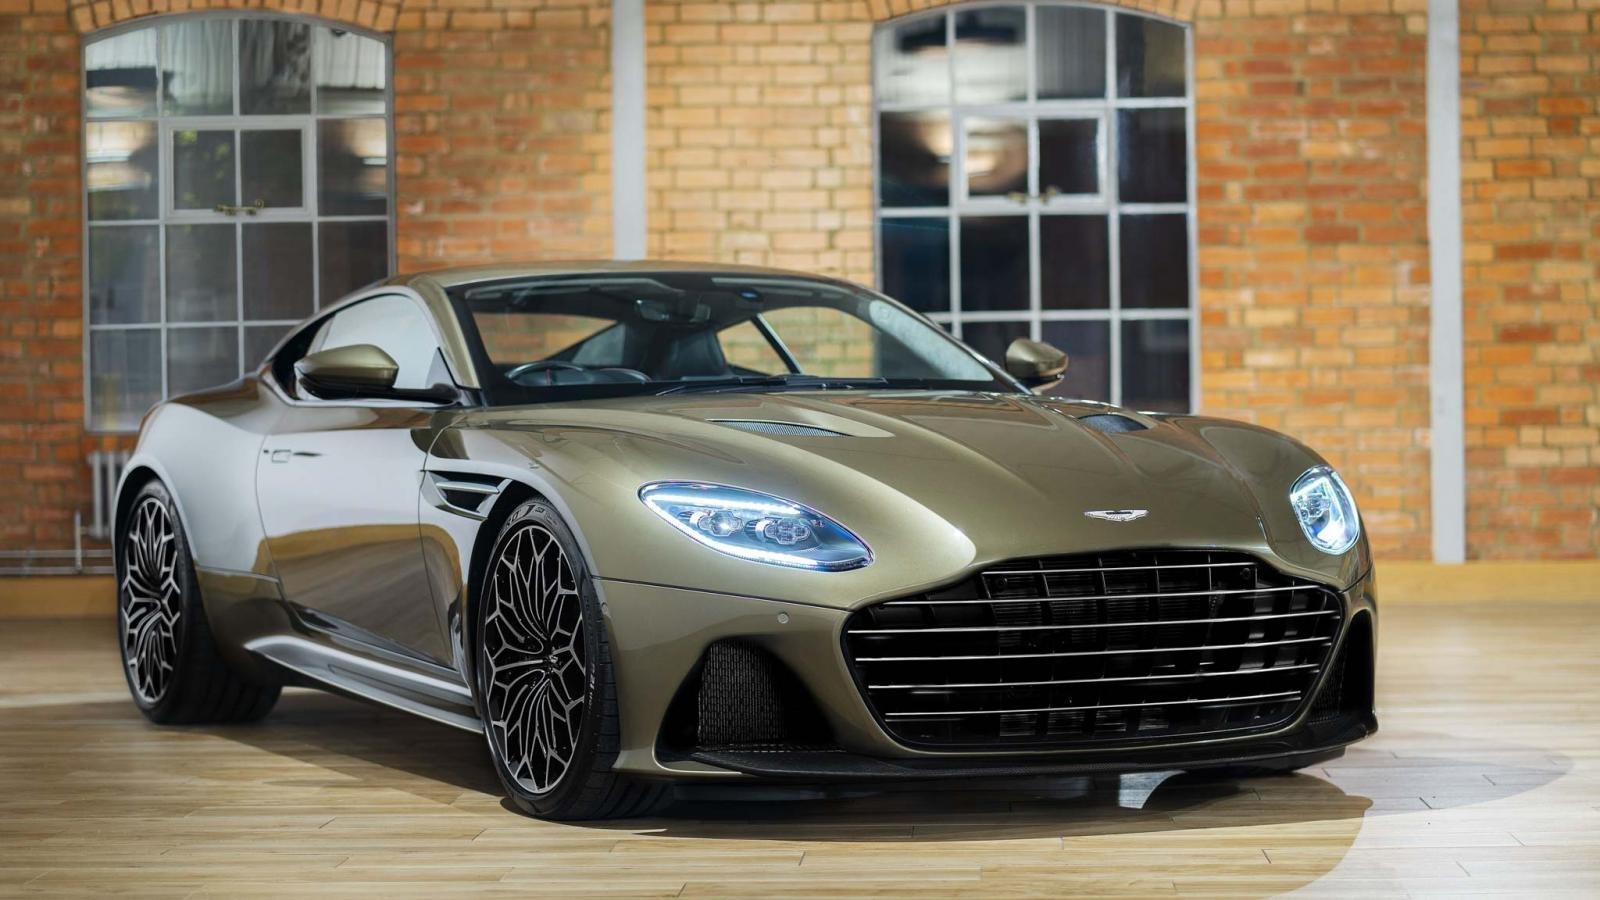 Aston Martin DBS Superleggera ''OHMSS 007 Edition'': Siêu xe lấy cảm hứng từ phim điệp viên 007 a1